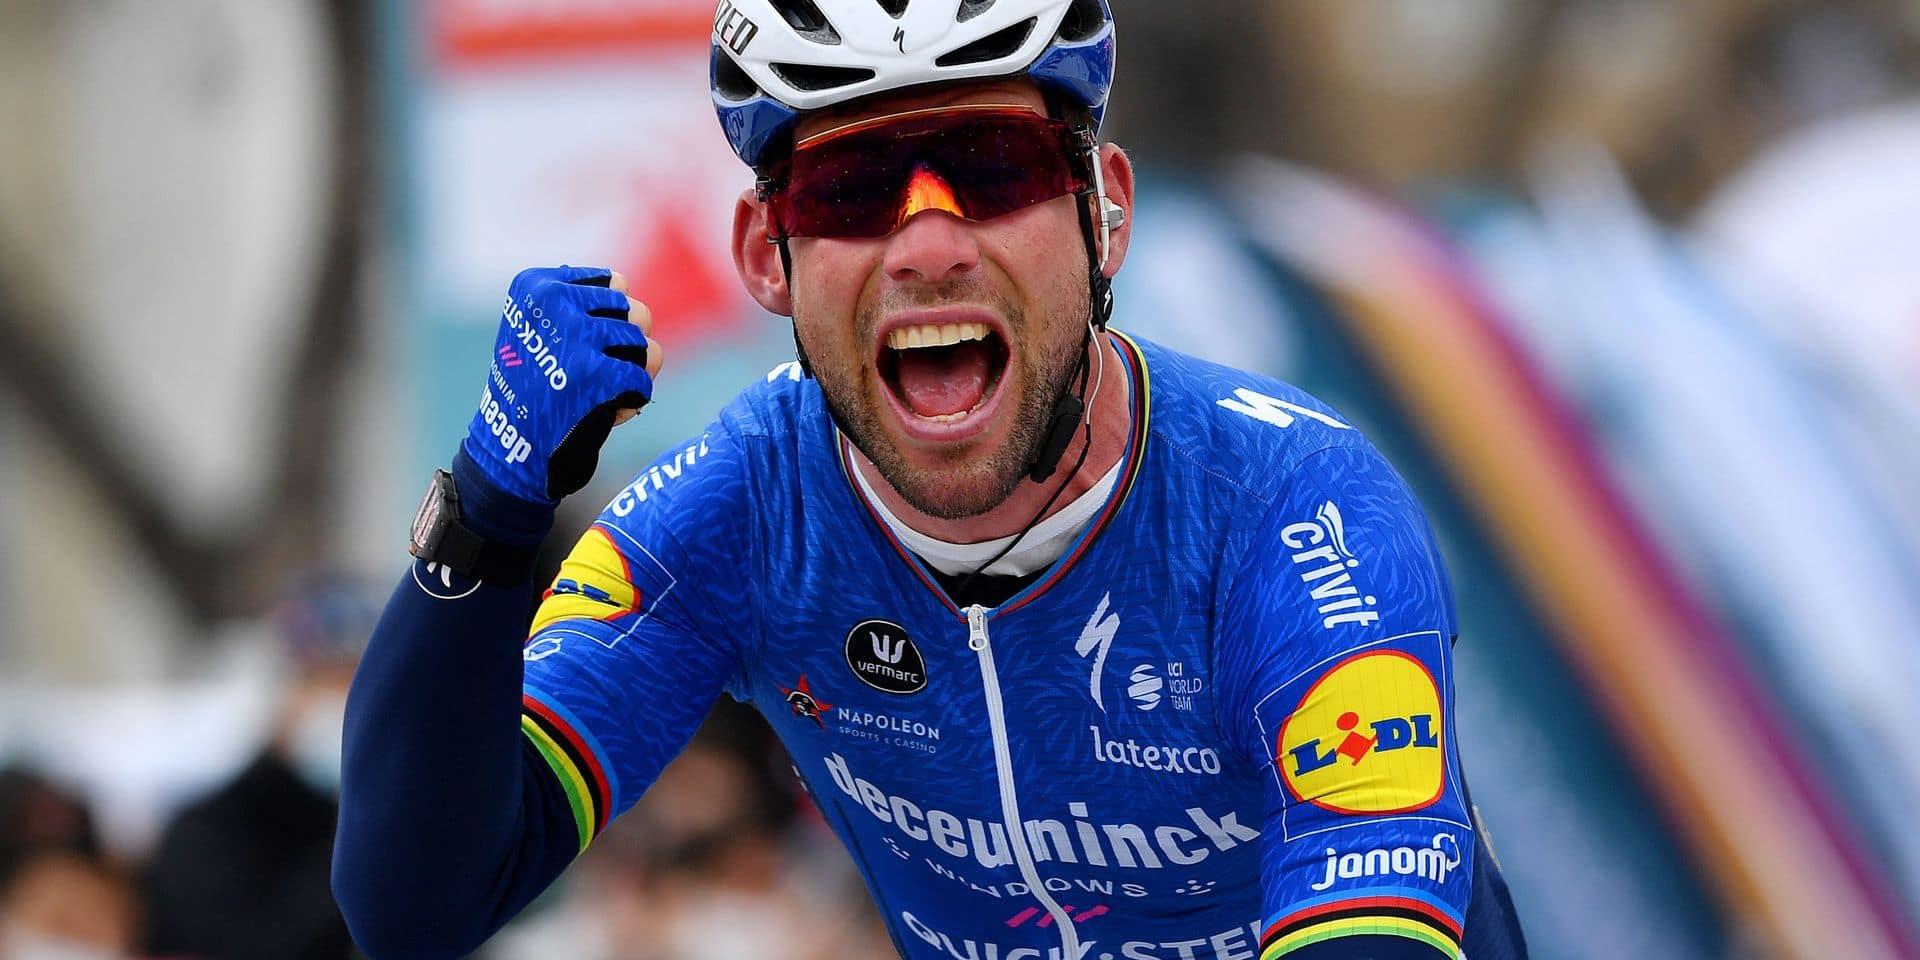 """Cavendish heureux après sa victoire en Turquie: """"Merci à Patrick Lefevere qui a cru en moi"""""""